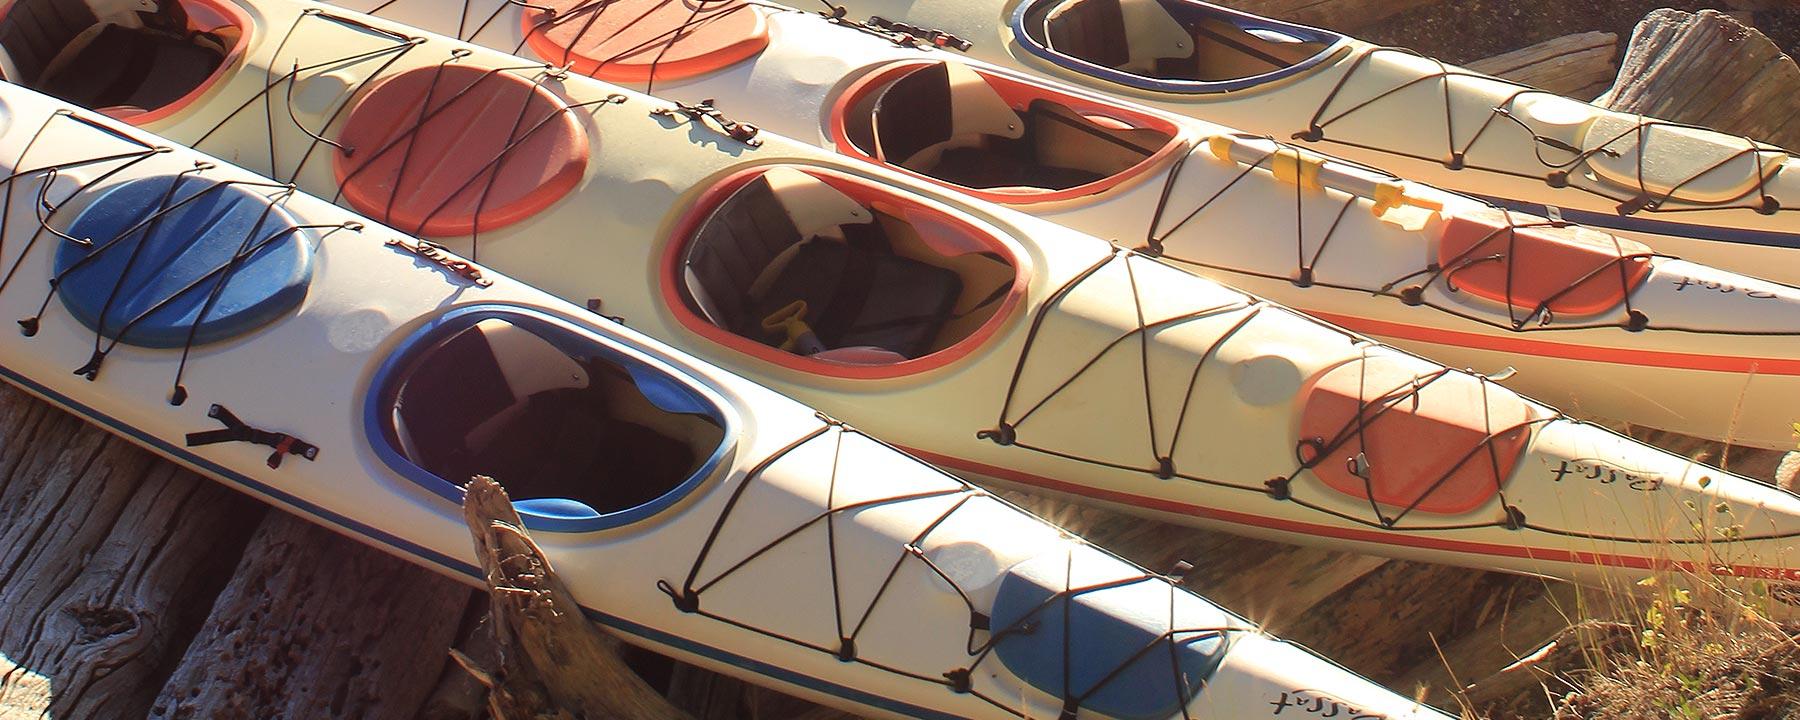 Kayak Tours San Juan Island Discovery Sea Kayaks